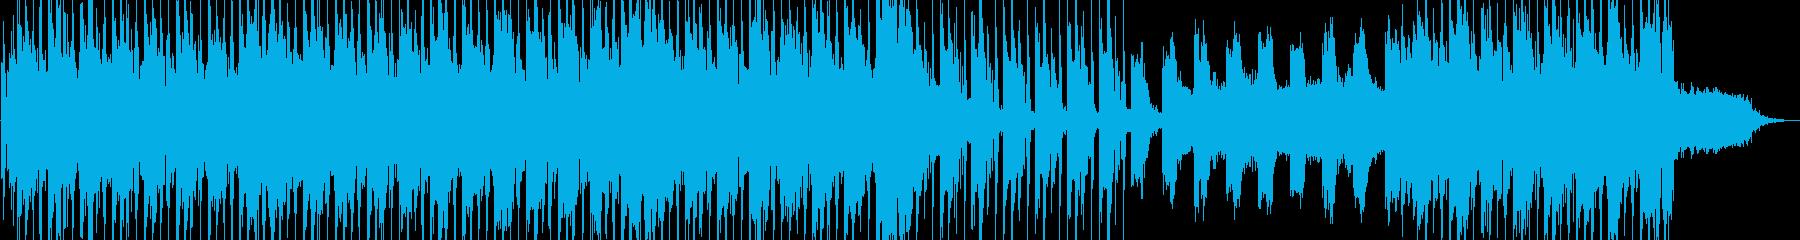 モダンでローファイな雰囲気のミュージックの再生済みの波形